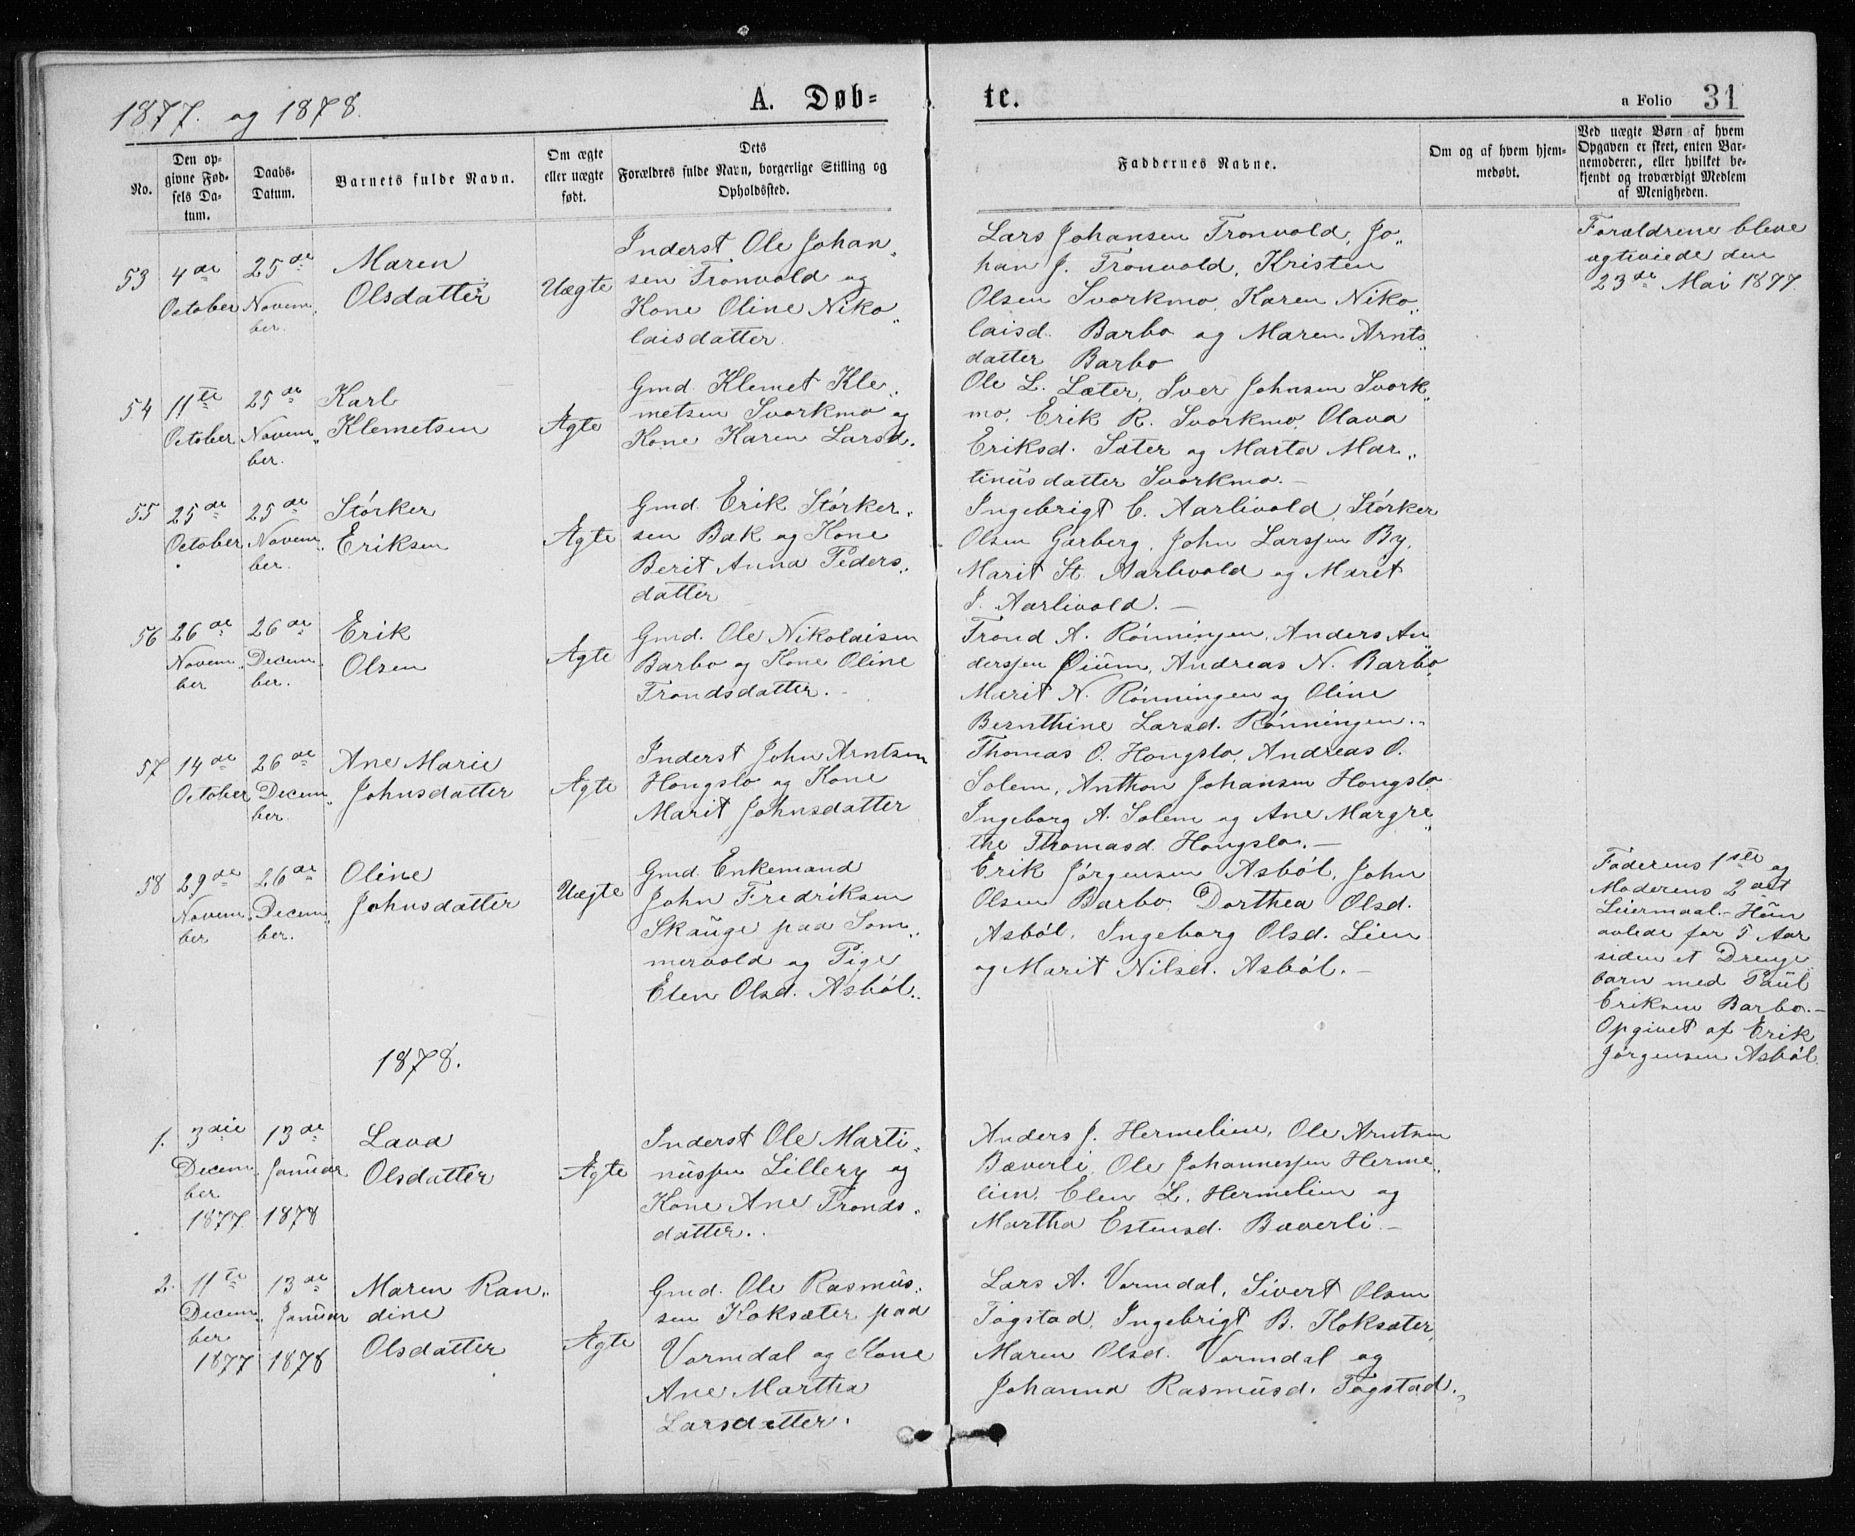 SAT, Ministerialprotokoller, klokkerbøker og fødselsregistre - Sør-Trøndelag, 671/L0843: Klokkerbok nr. 671C02, 1873-1892, s. 31